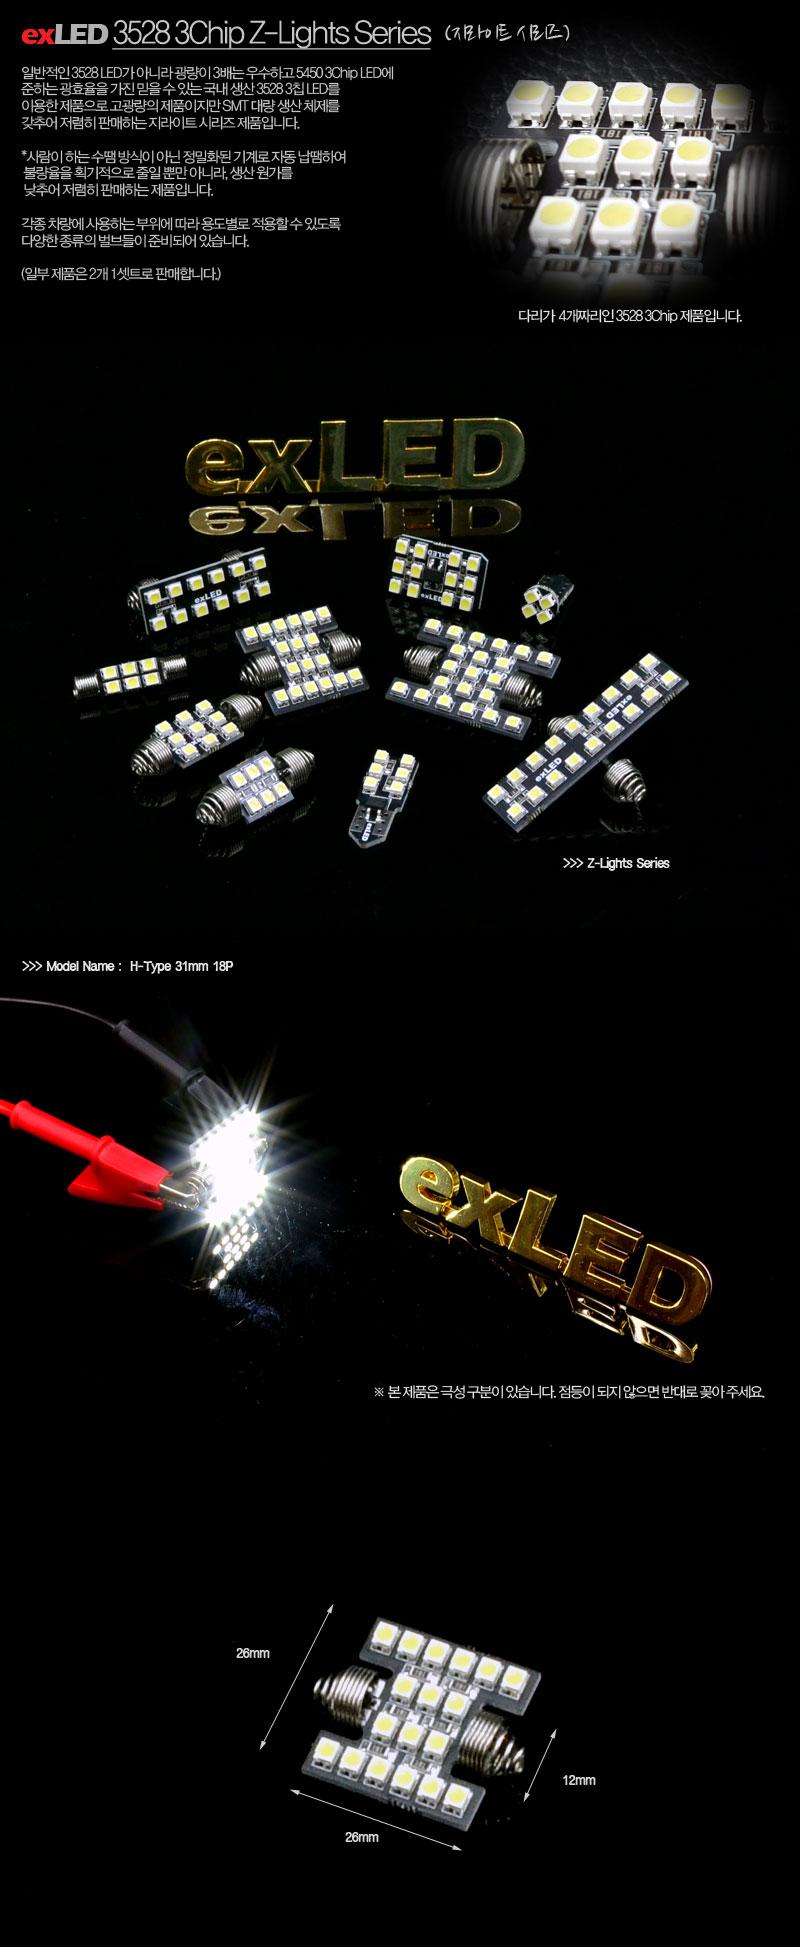 exLED 3528 3Chip Z-Lights Series  (지라이트 시리즈) : H-Type 31mm 18P (1PCS)